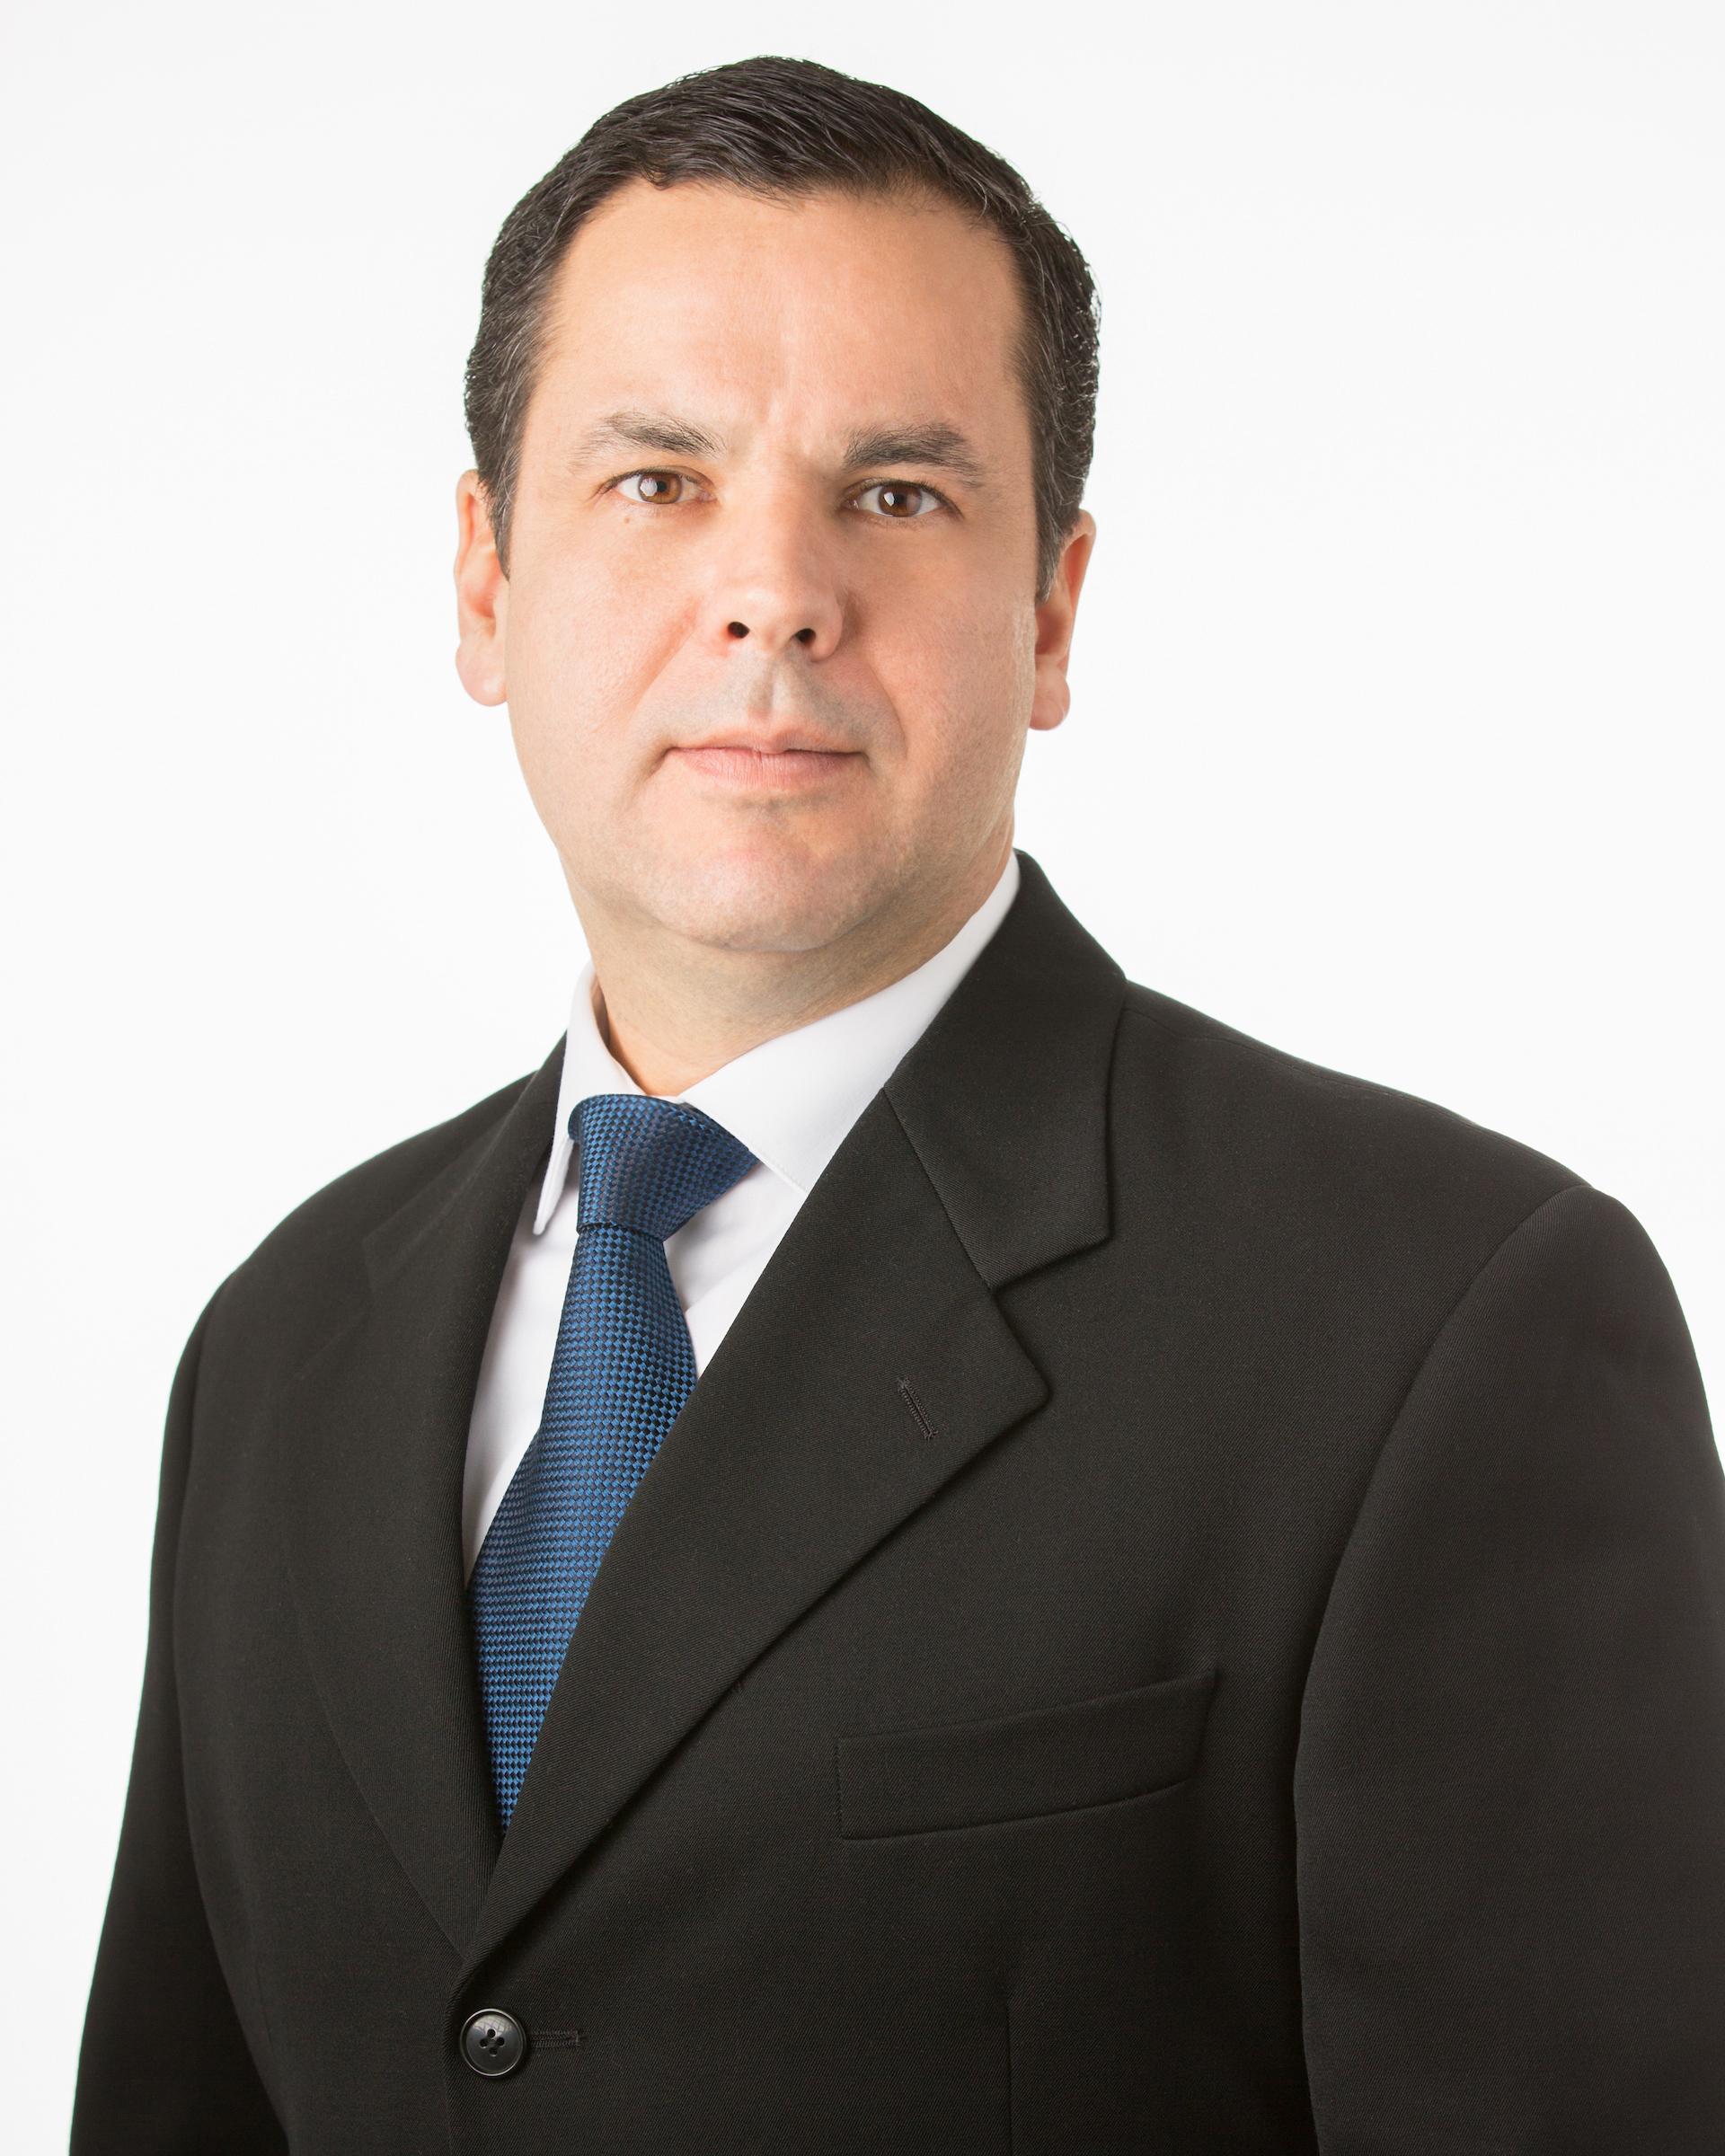 Vlad Dallenbach